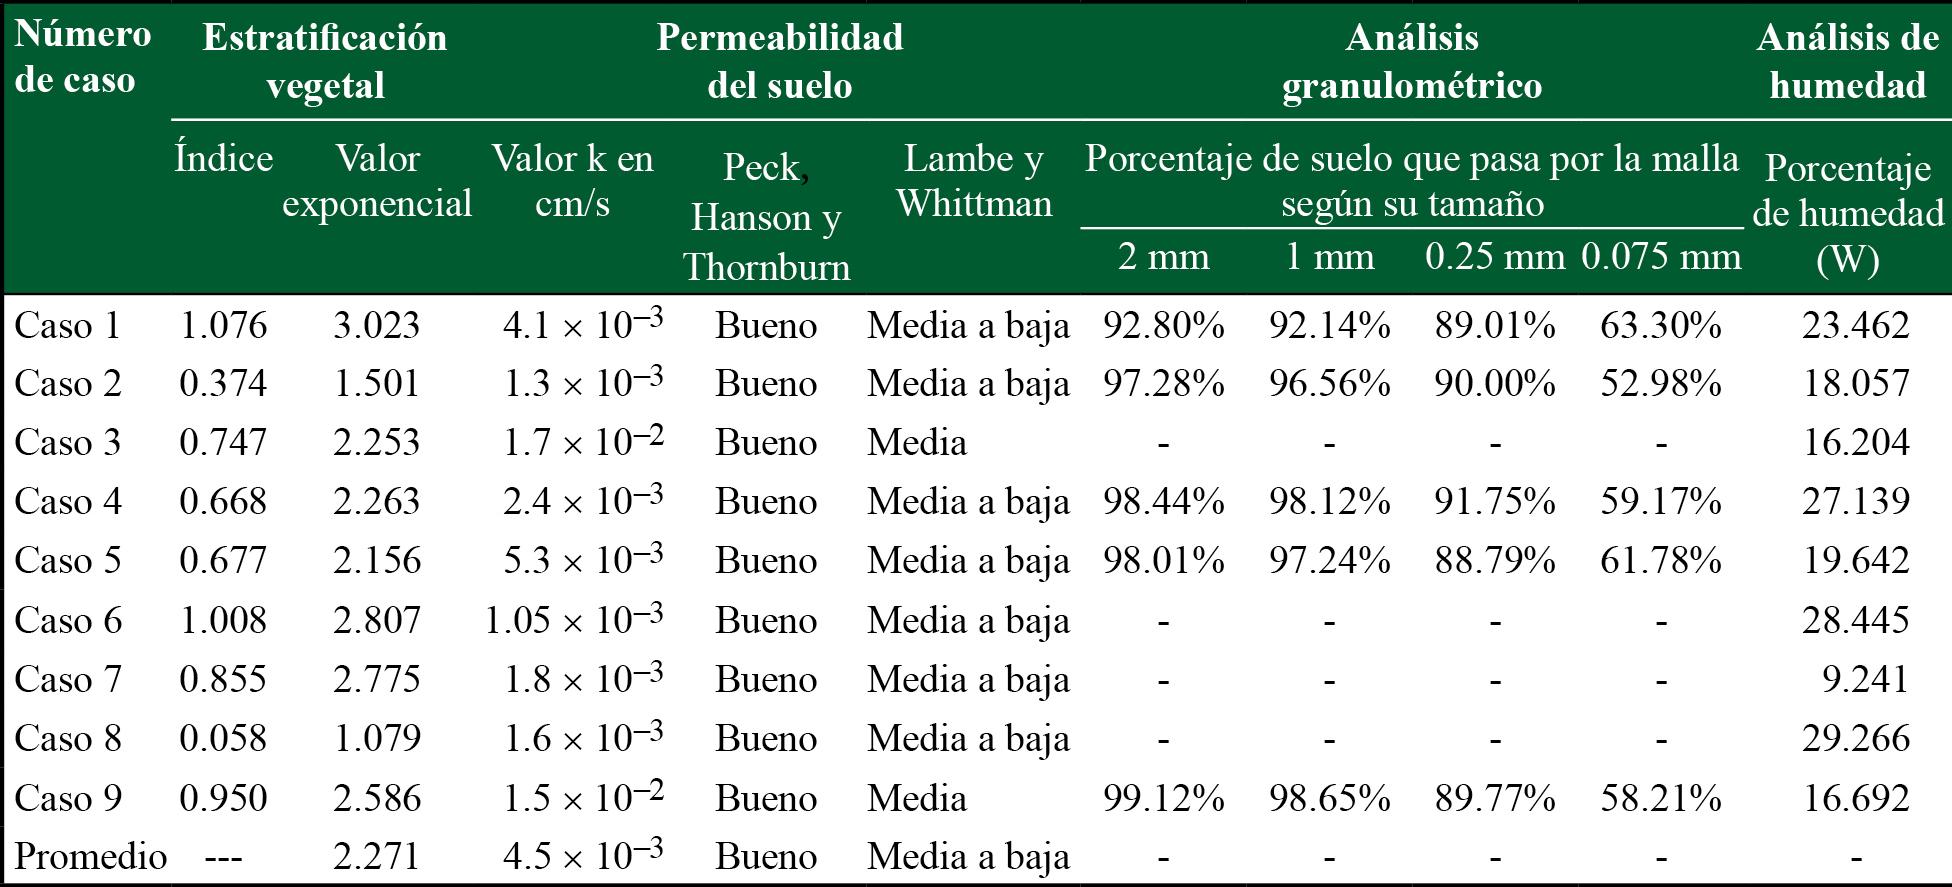 Estratificación vegetal, permeabilidad del suelo, análisis granulométrico y análisis de humedad por cada caso